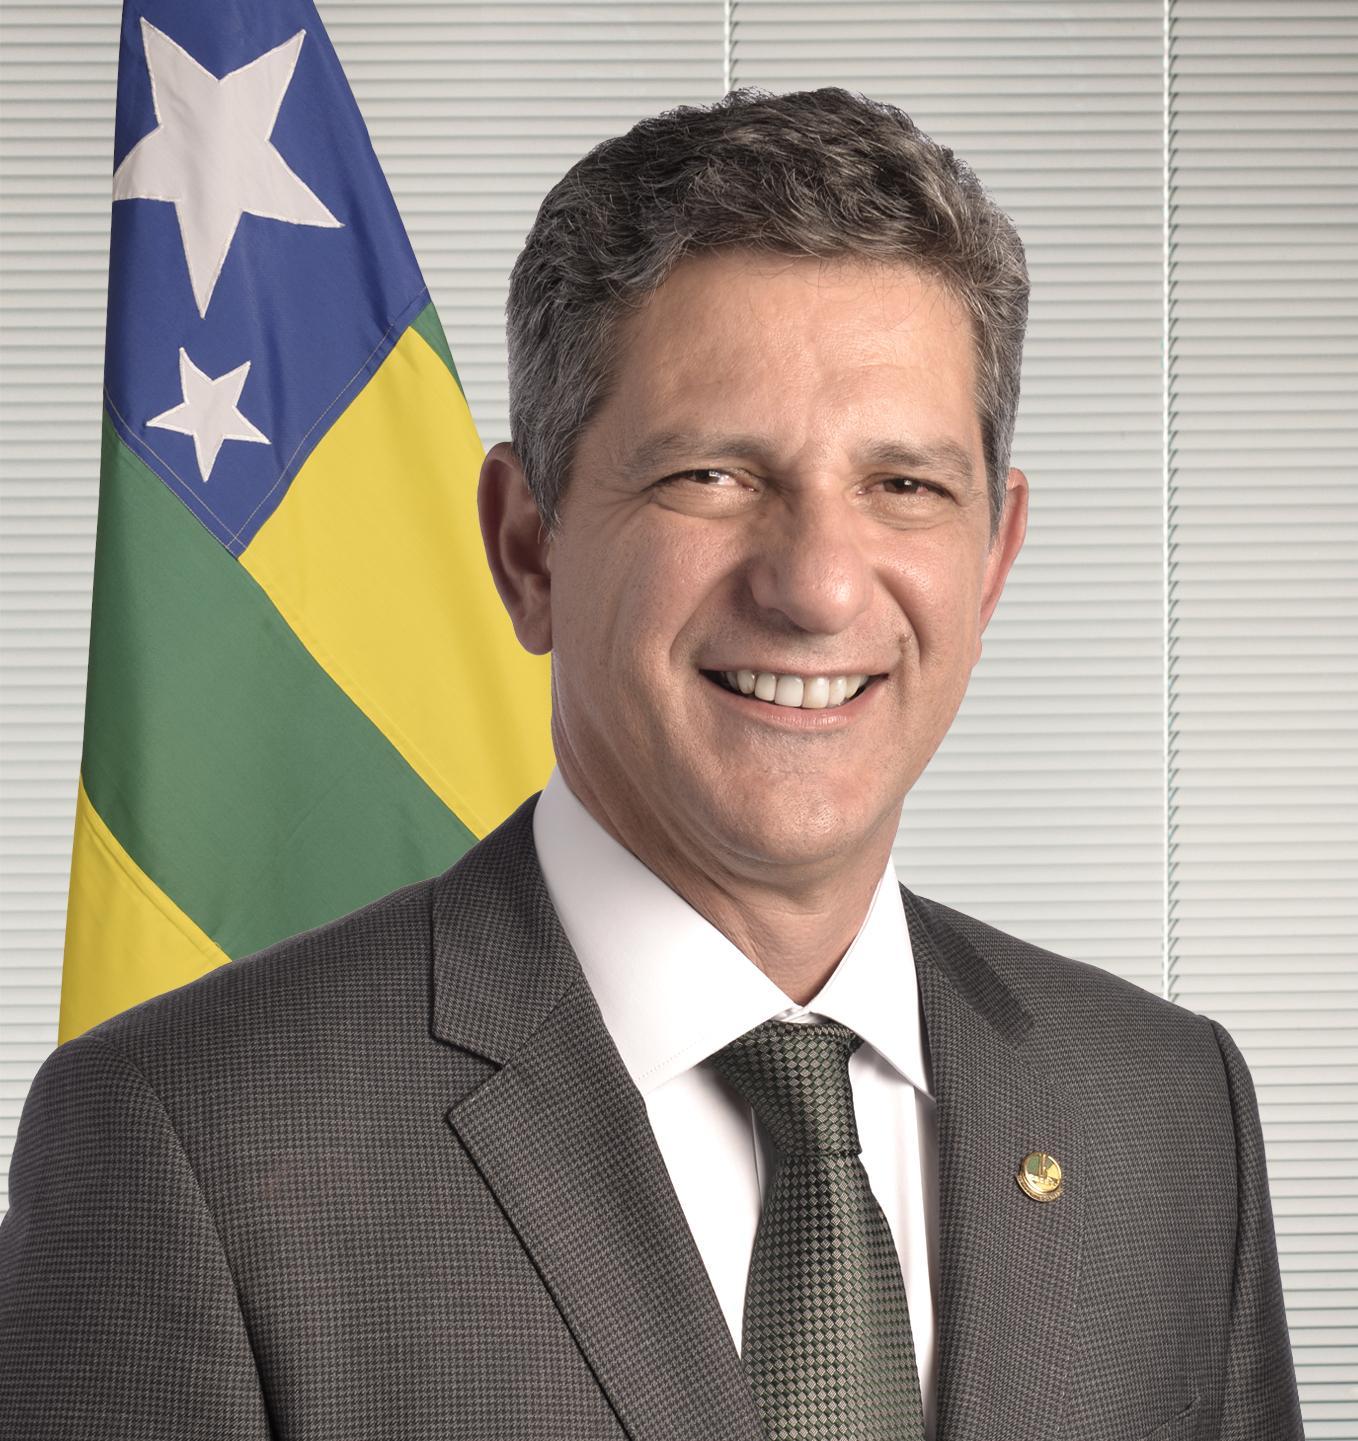 Veja o que saiu no Migalhas sobre Rogério Carvalho